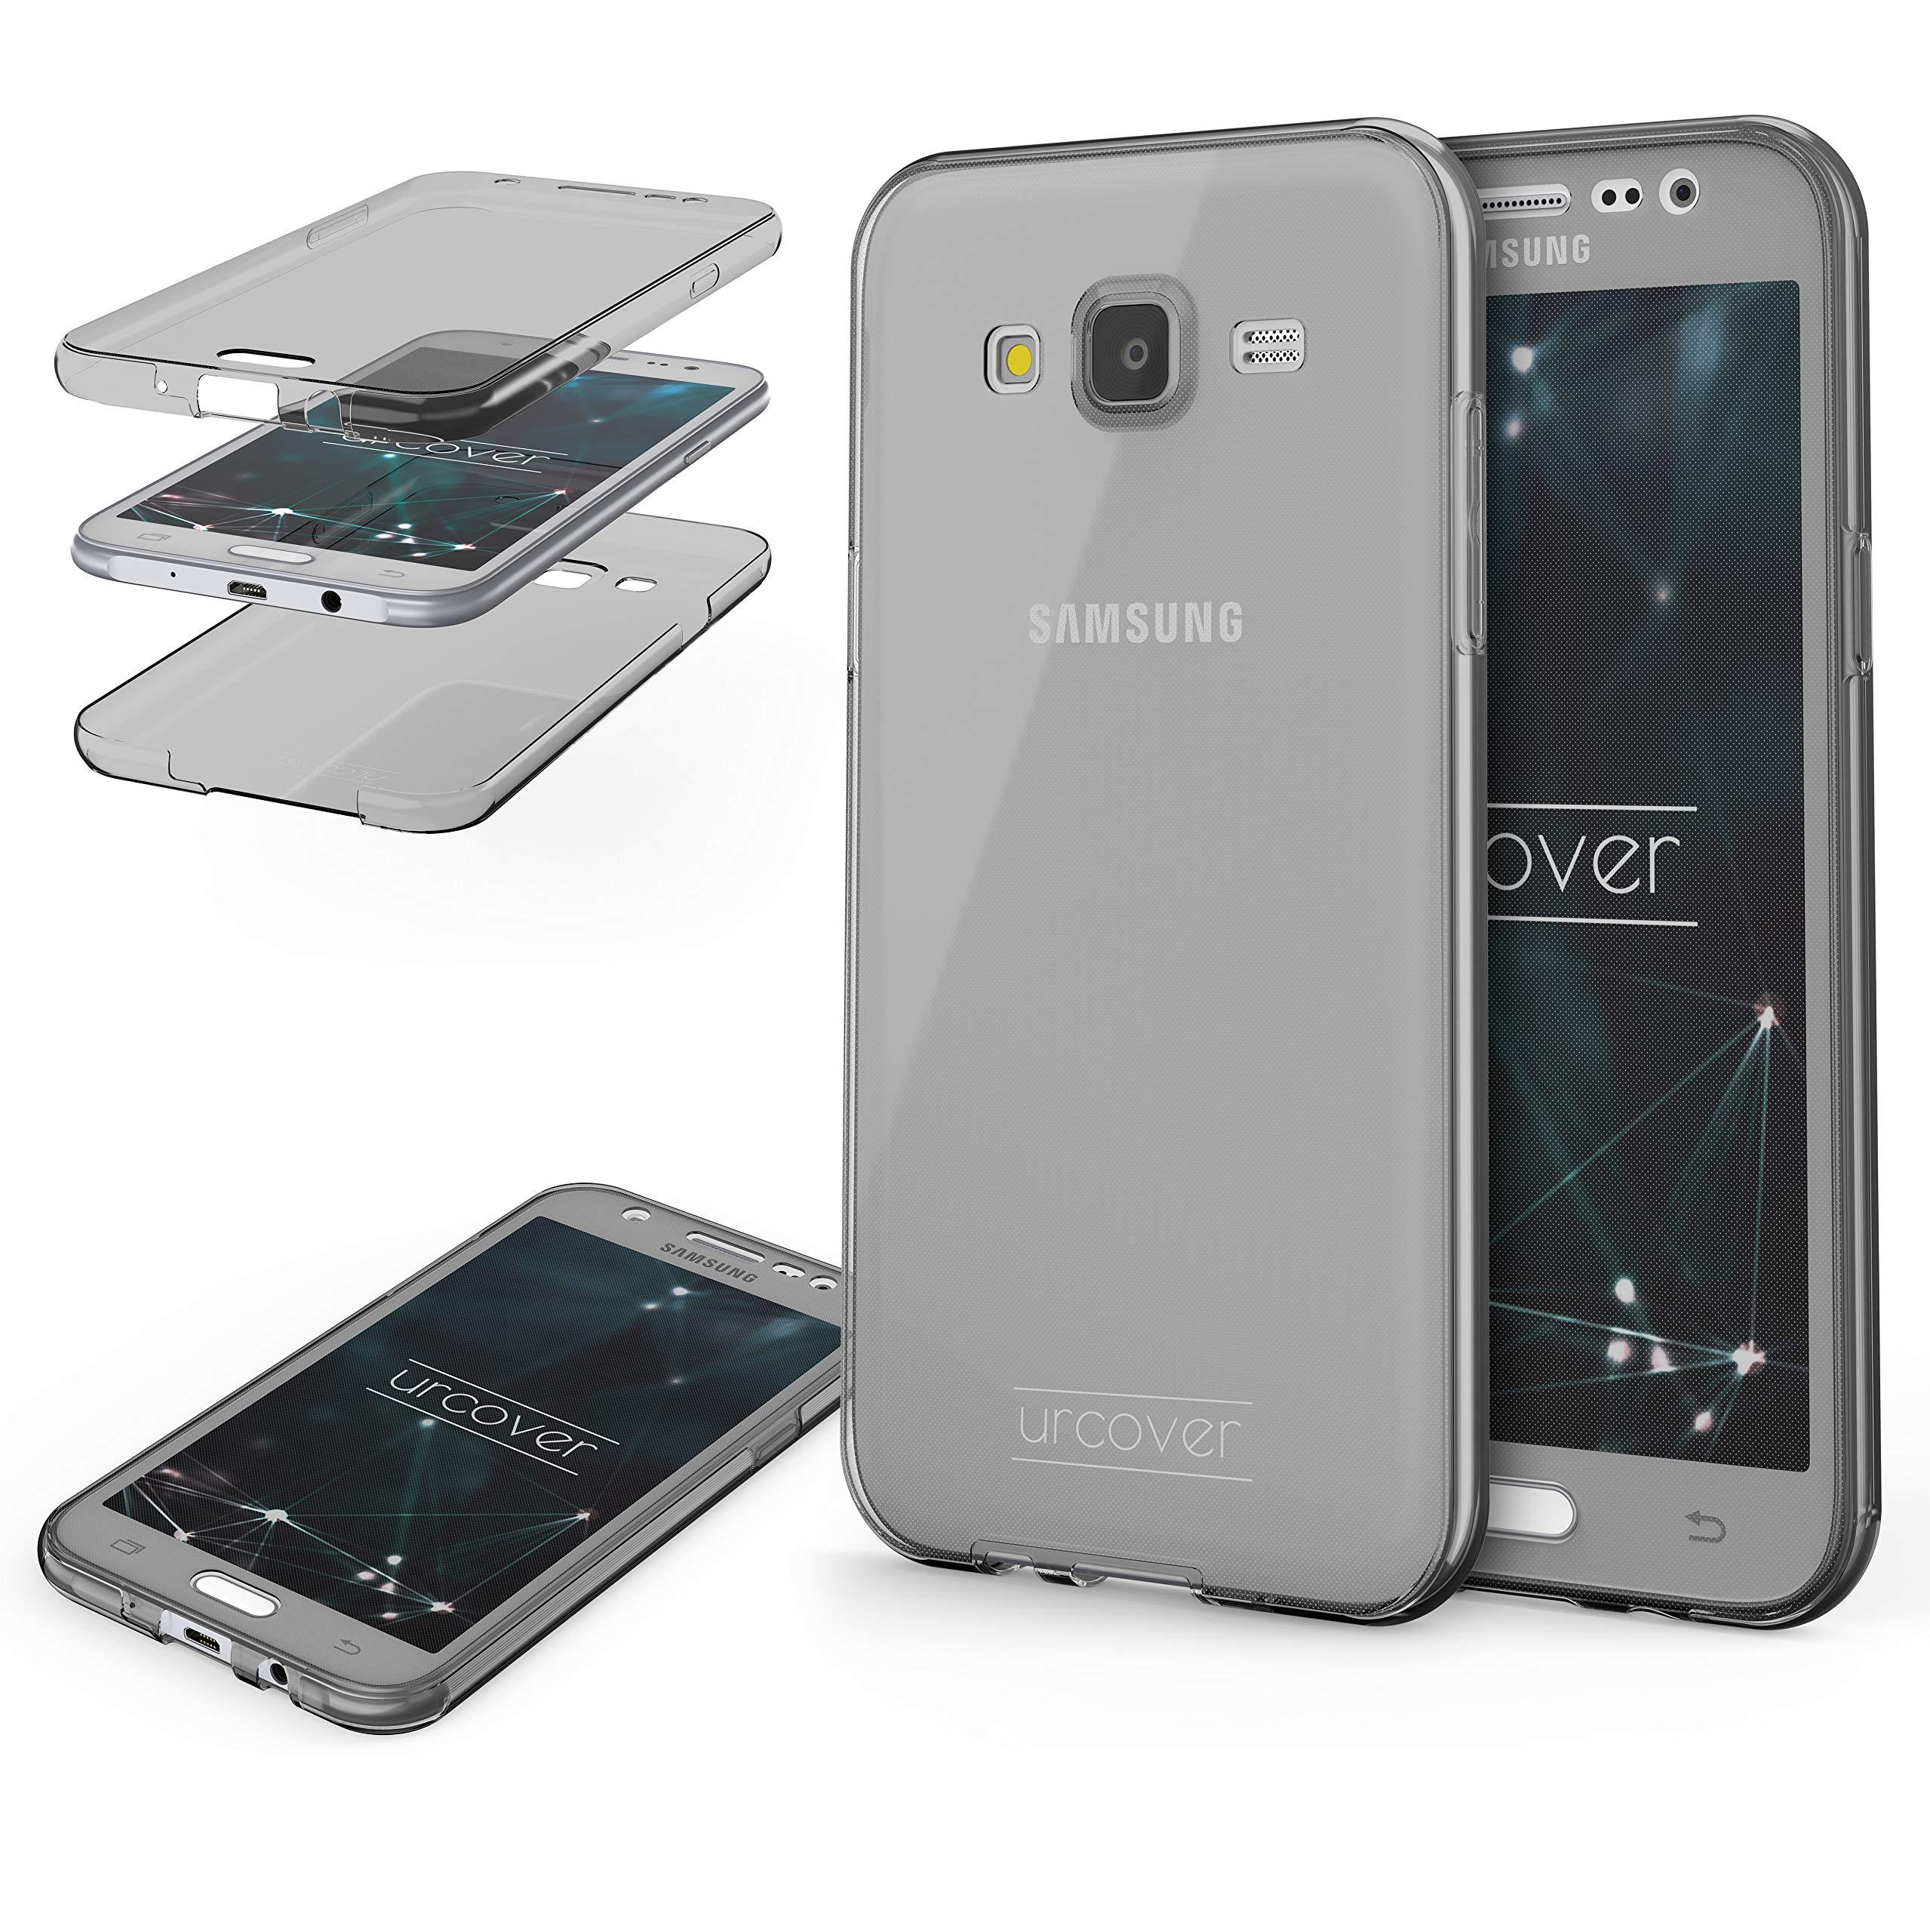 Urcover Funda Compatible con Samsung Galaxy J5 (2015) Carcasa Protectora 360 Grados Silicona Gel en Transparente Full Body Protección Completa Delantera/Trasera: Amazon.es: Electrónica